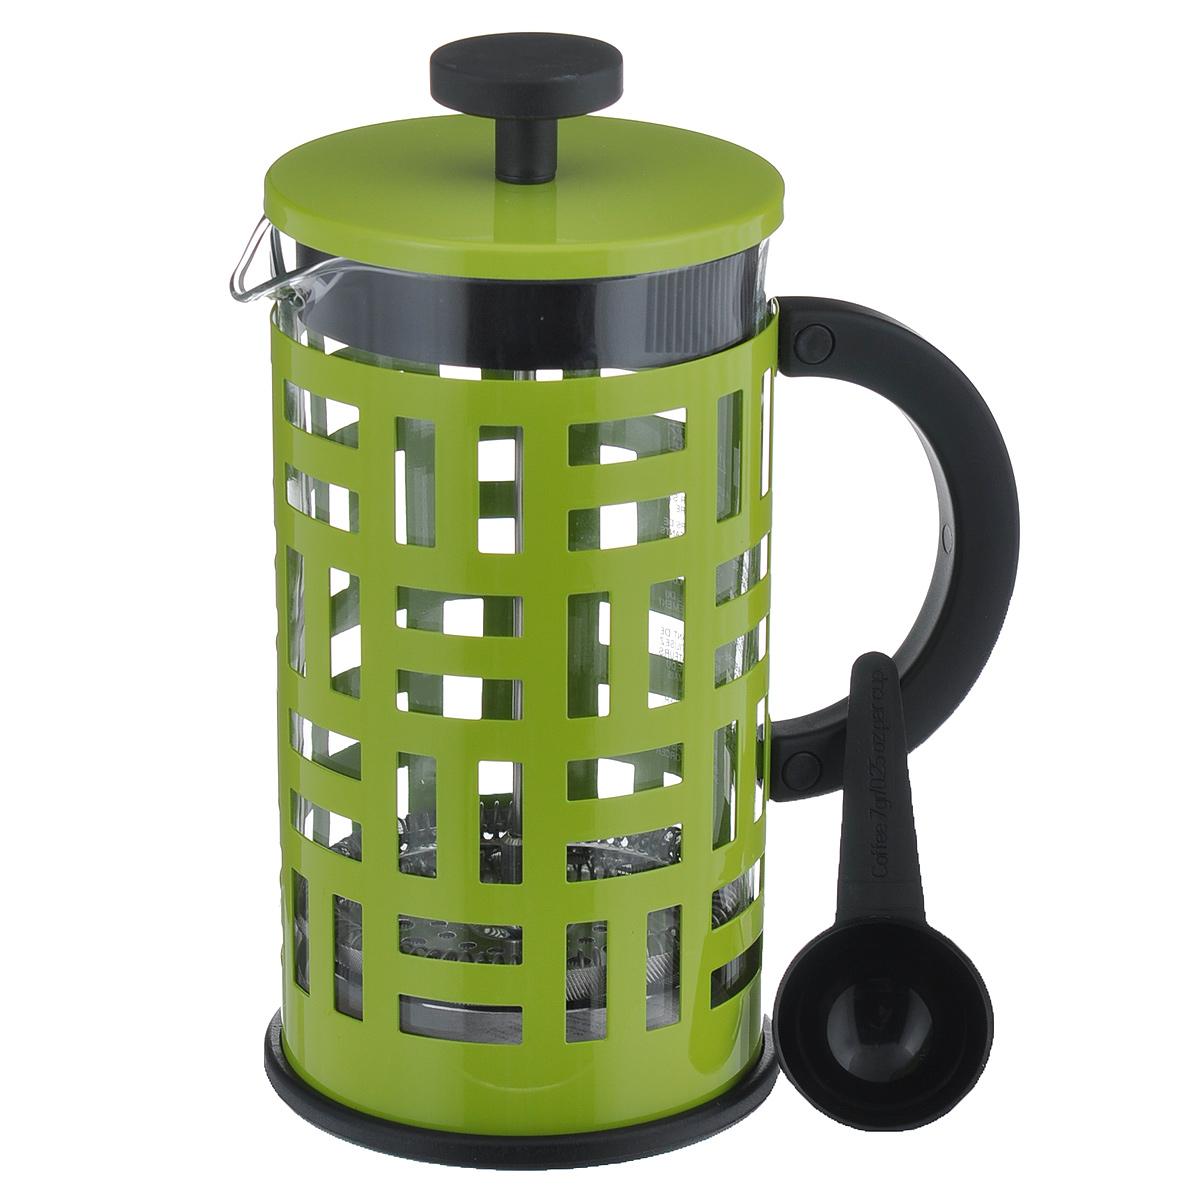 Кофейник Bodum Eileen с прессом, цвет: салатовый, 1 л11195-Кофейник Eileen с фильтром French Press и мерной ложечкой займет достойное место на вашей кухне. Современный дизайн полностью соответствует последним модным тенденциям в создании предметов бытовой техники. Кофейник снабжен легкой и удобной, покрытой специальным материалом, ручкой, позволяющей безопасно и удобно использовать его в любой ситуации - даже держать два кофейника одновременно. Цельная оправа из нержавеющей стали защищает хрупкую стеклянную емкость от толчков и ударов. В то же время эта оправа не заглушает аппетитный запах свежесваренного кофе. Настоящим ценителям натурального кофе широко известны основные и наиболее часто применяемые способы его приготовления: эспрессо, по-турецки, гейзерный. Однако существует принципиально иной способ, известный как French Press, благодаря которому приготовление ароматного напитка стало гораздо проще. Профессиональная серия Eileen была задумана и создана в честь великого архитектора и дизайнера - Эйлин Грей (Eileen...